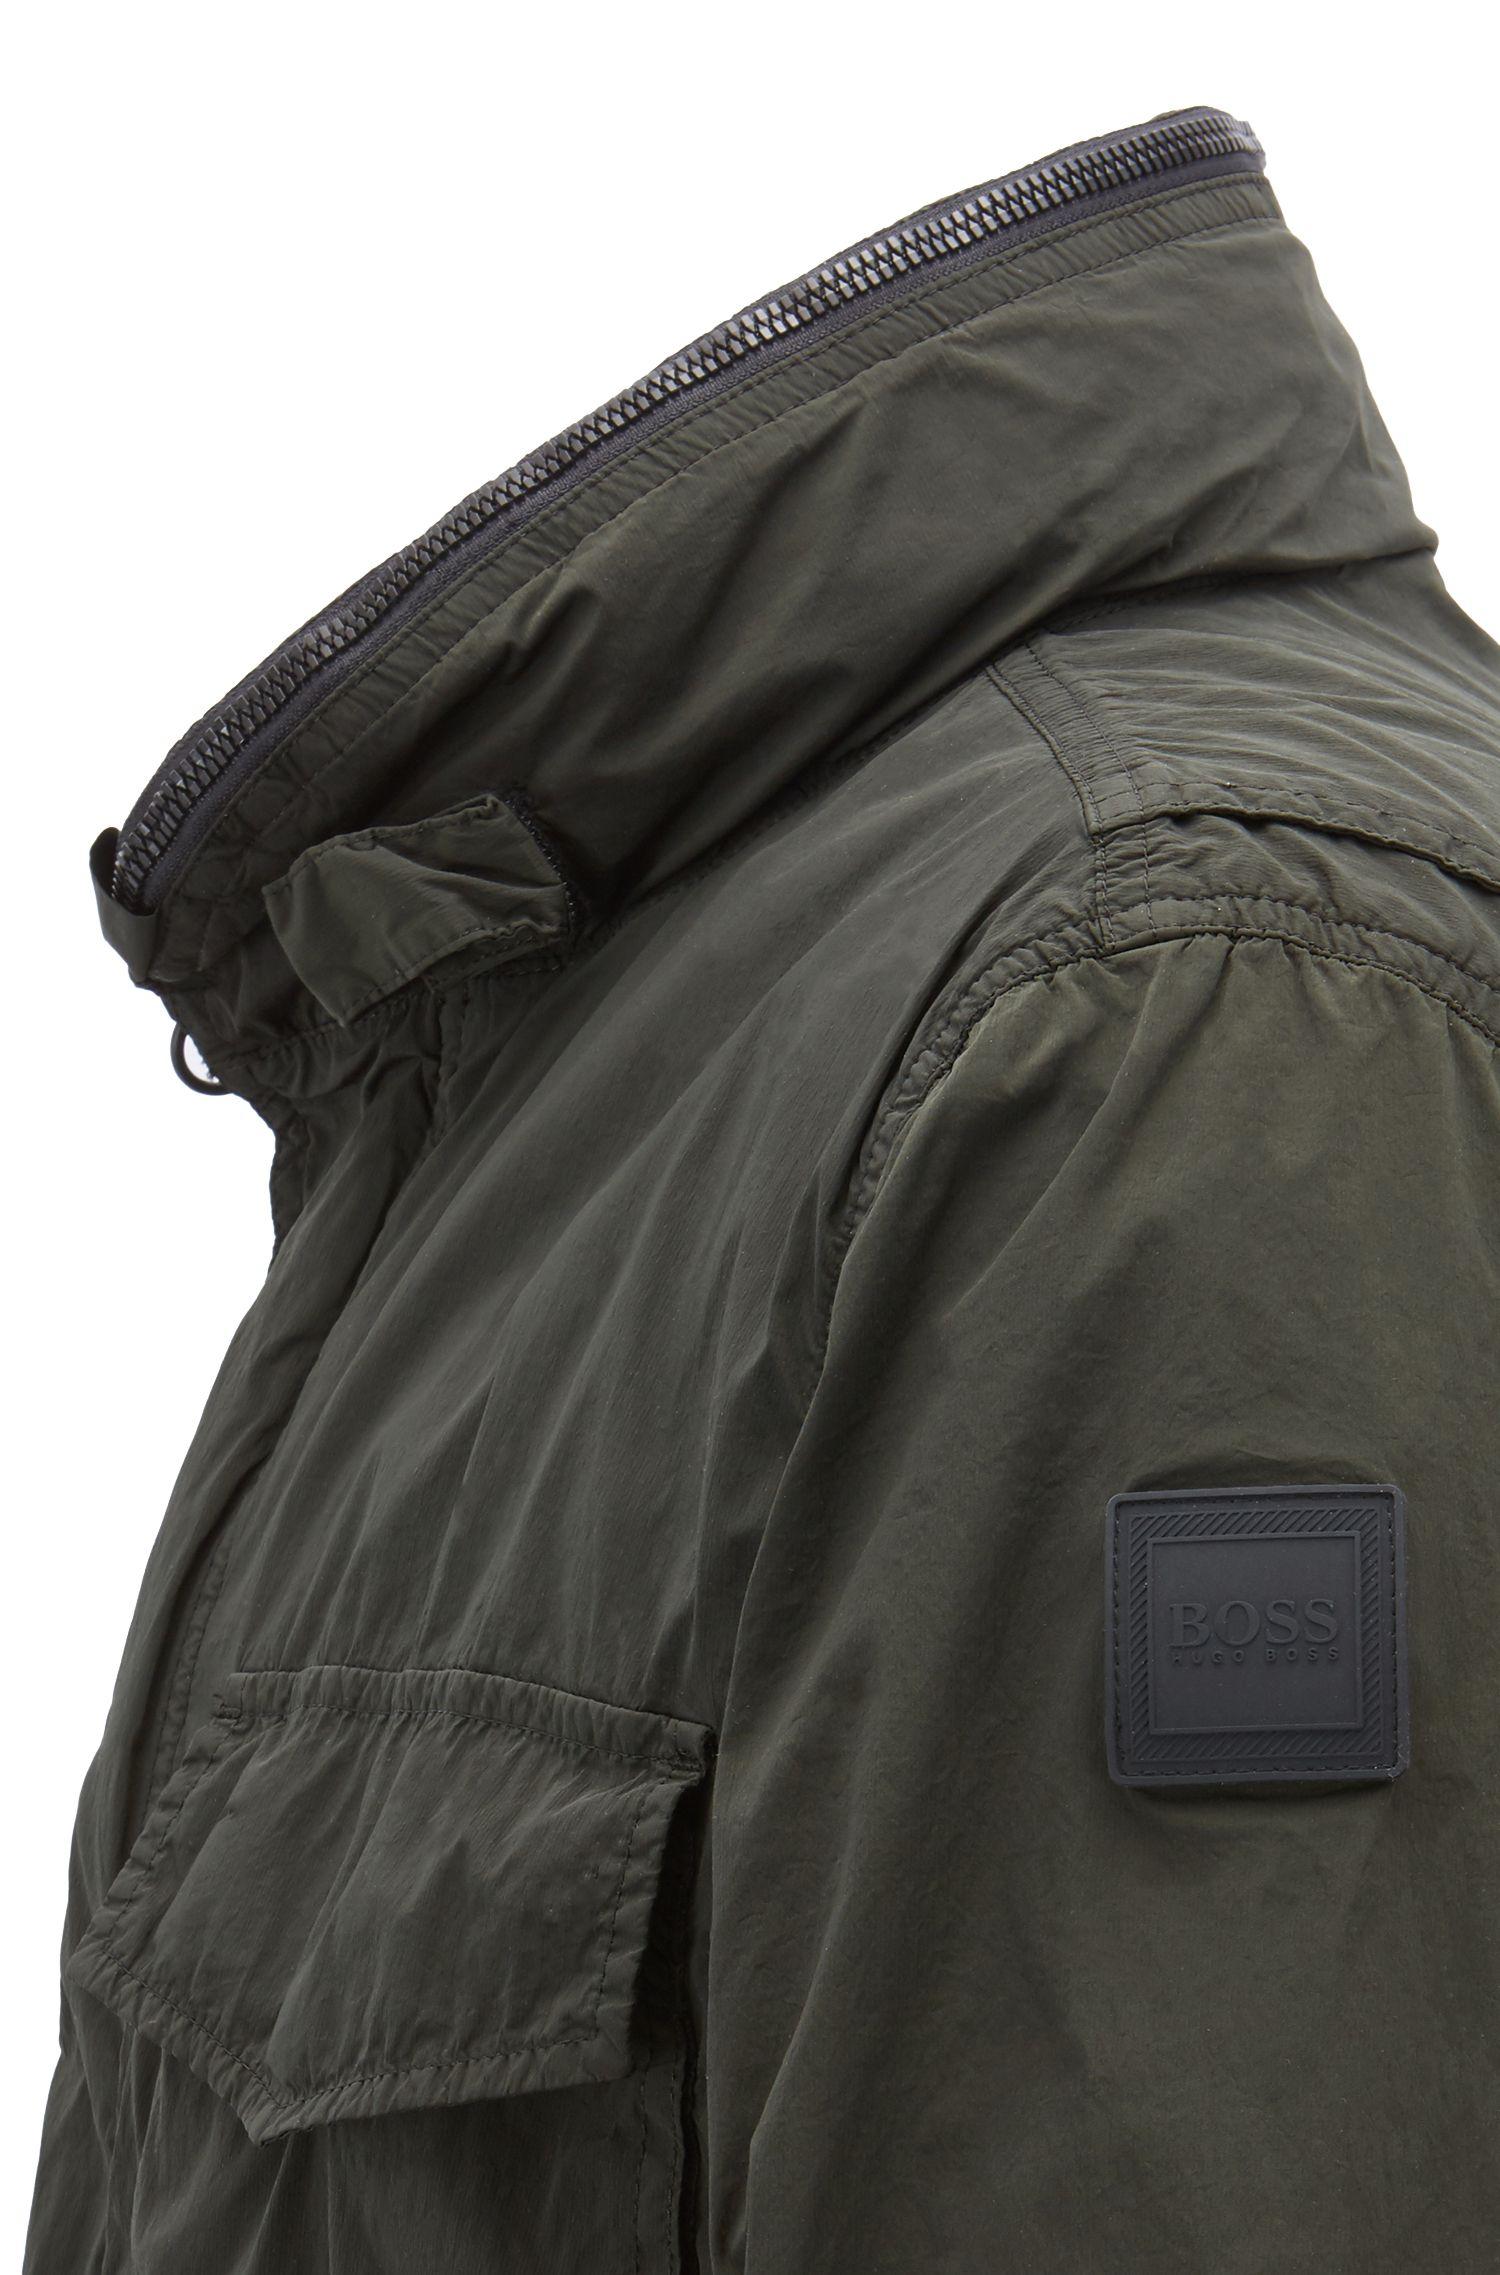 Regular-Fit Jacke aus leichtem italienischem Stretch-Gewebe mit verstaubarer Kapuze, Dunkelgrün